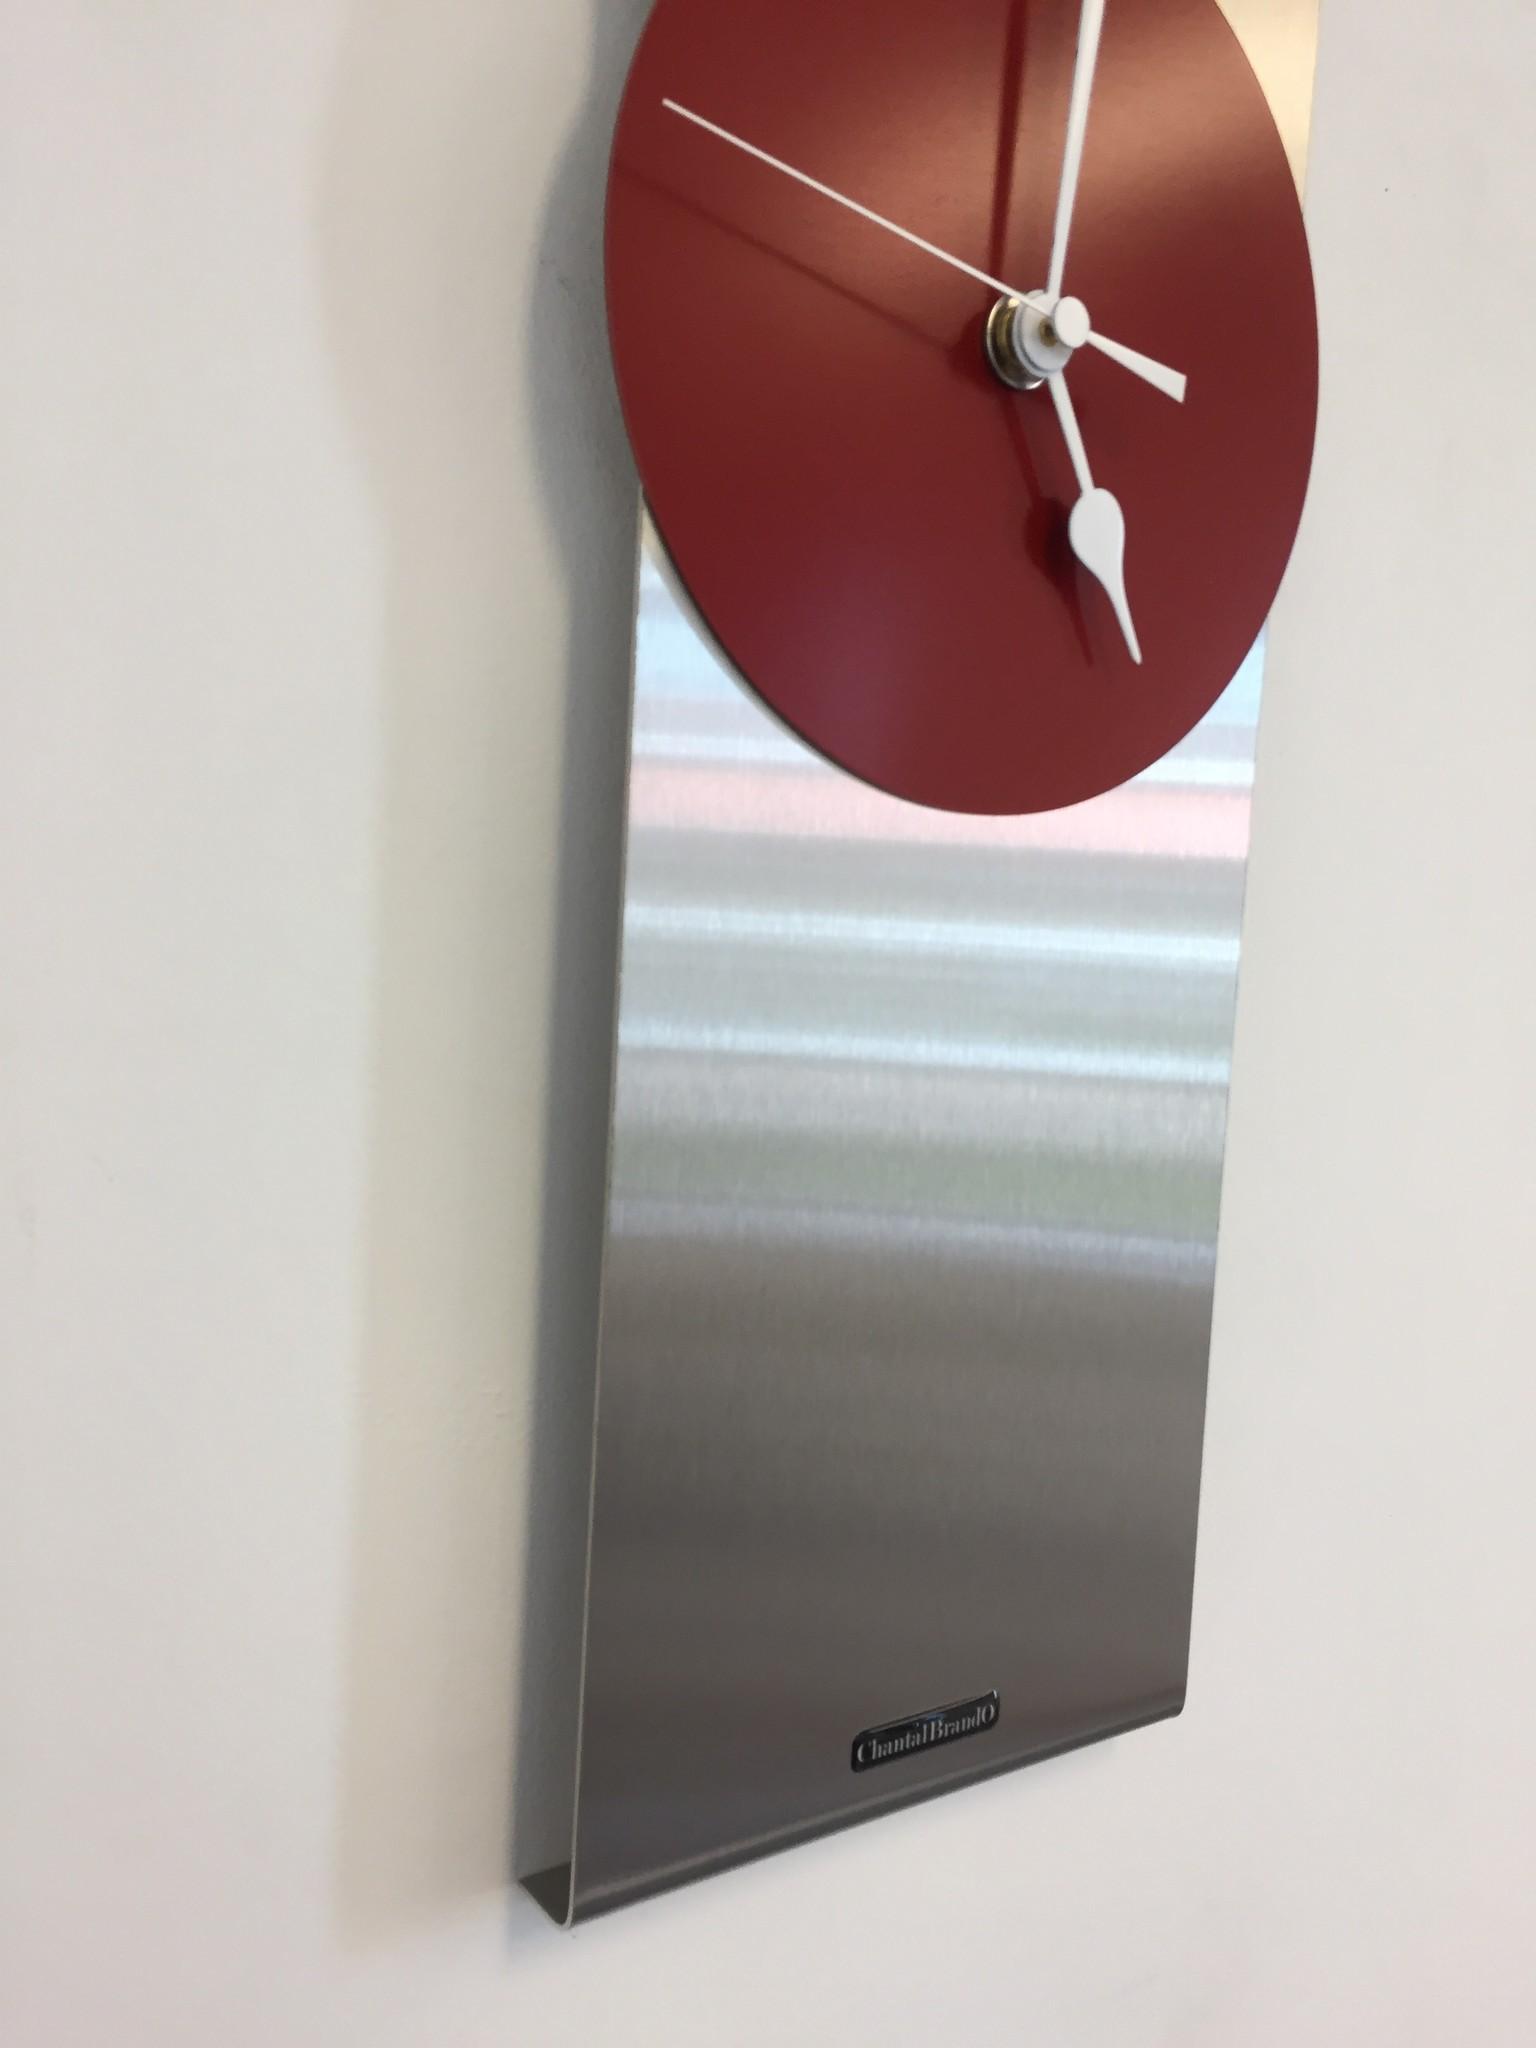 Wandklok ORION RED Modern Dutch Design